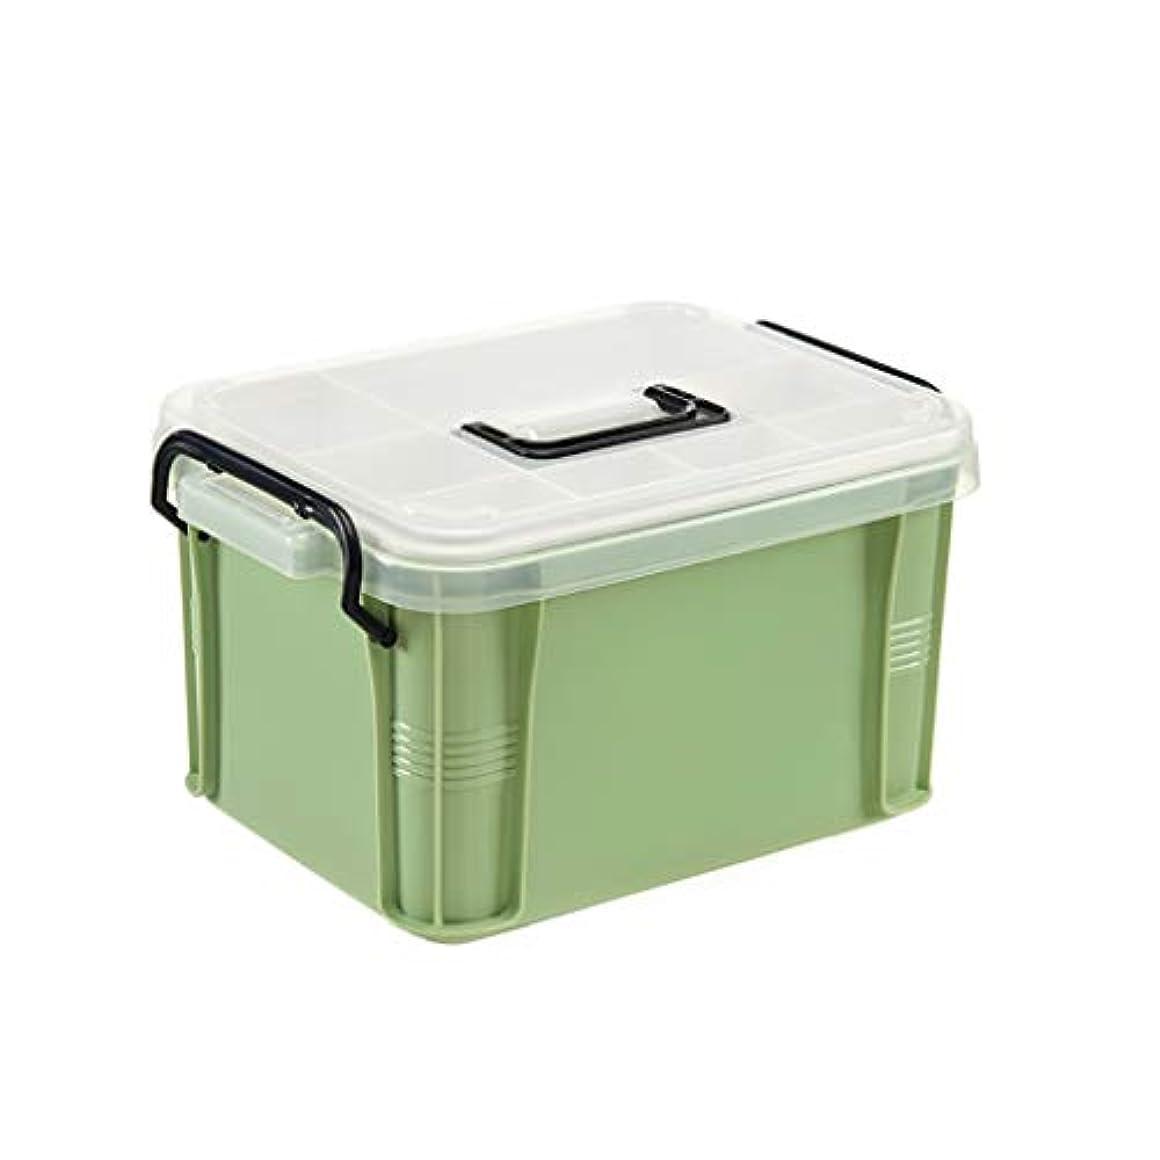 子免除するあいまい薬箱家庭用救急医療箱家族薬救急箱収納ボックスポータブル